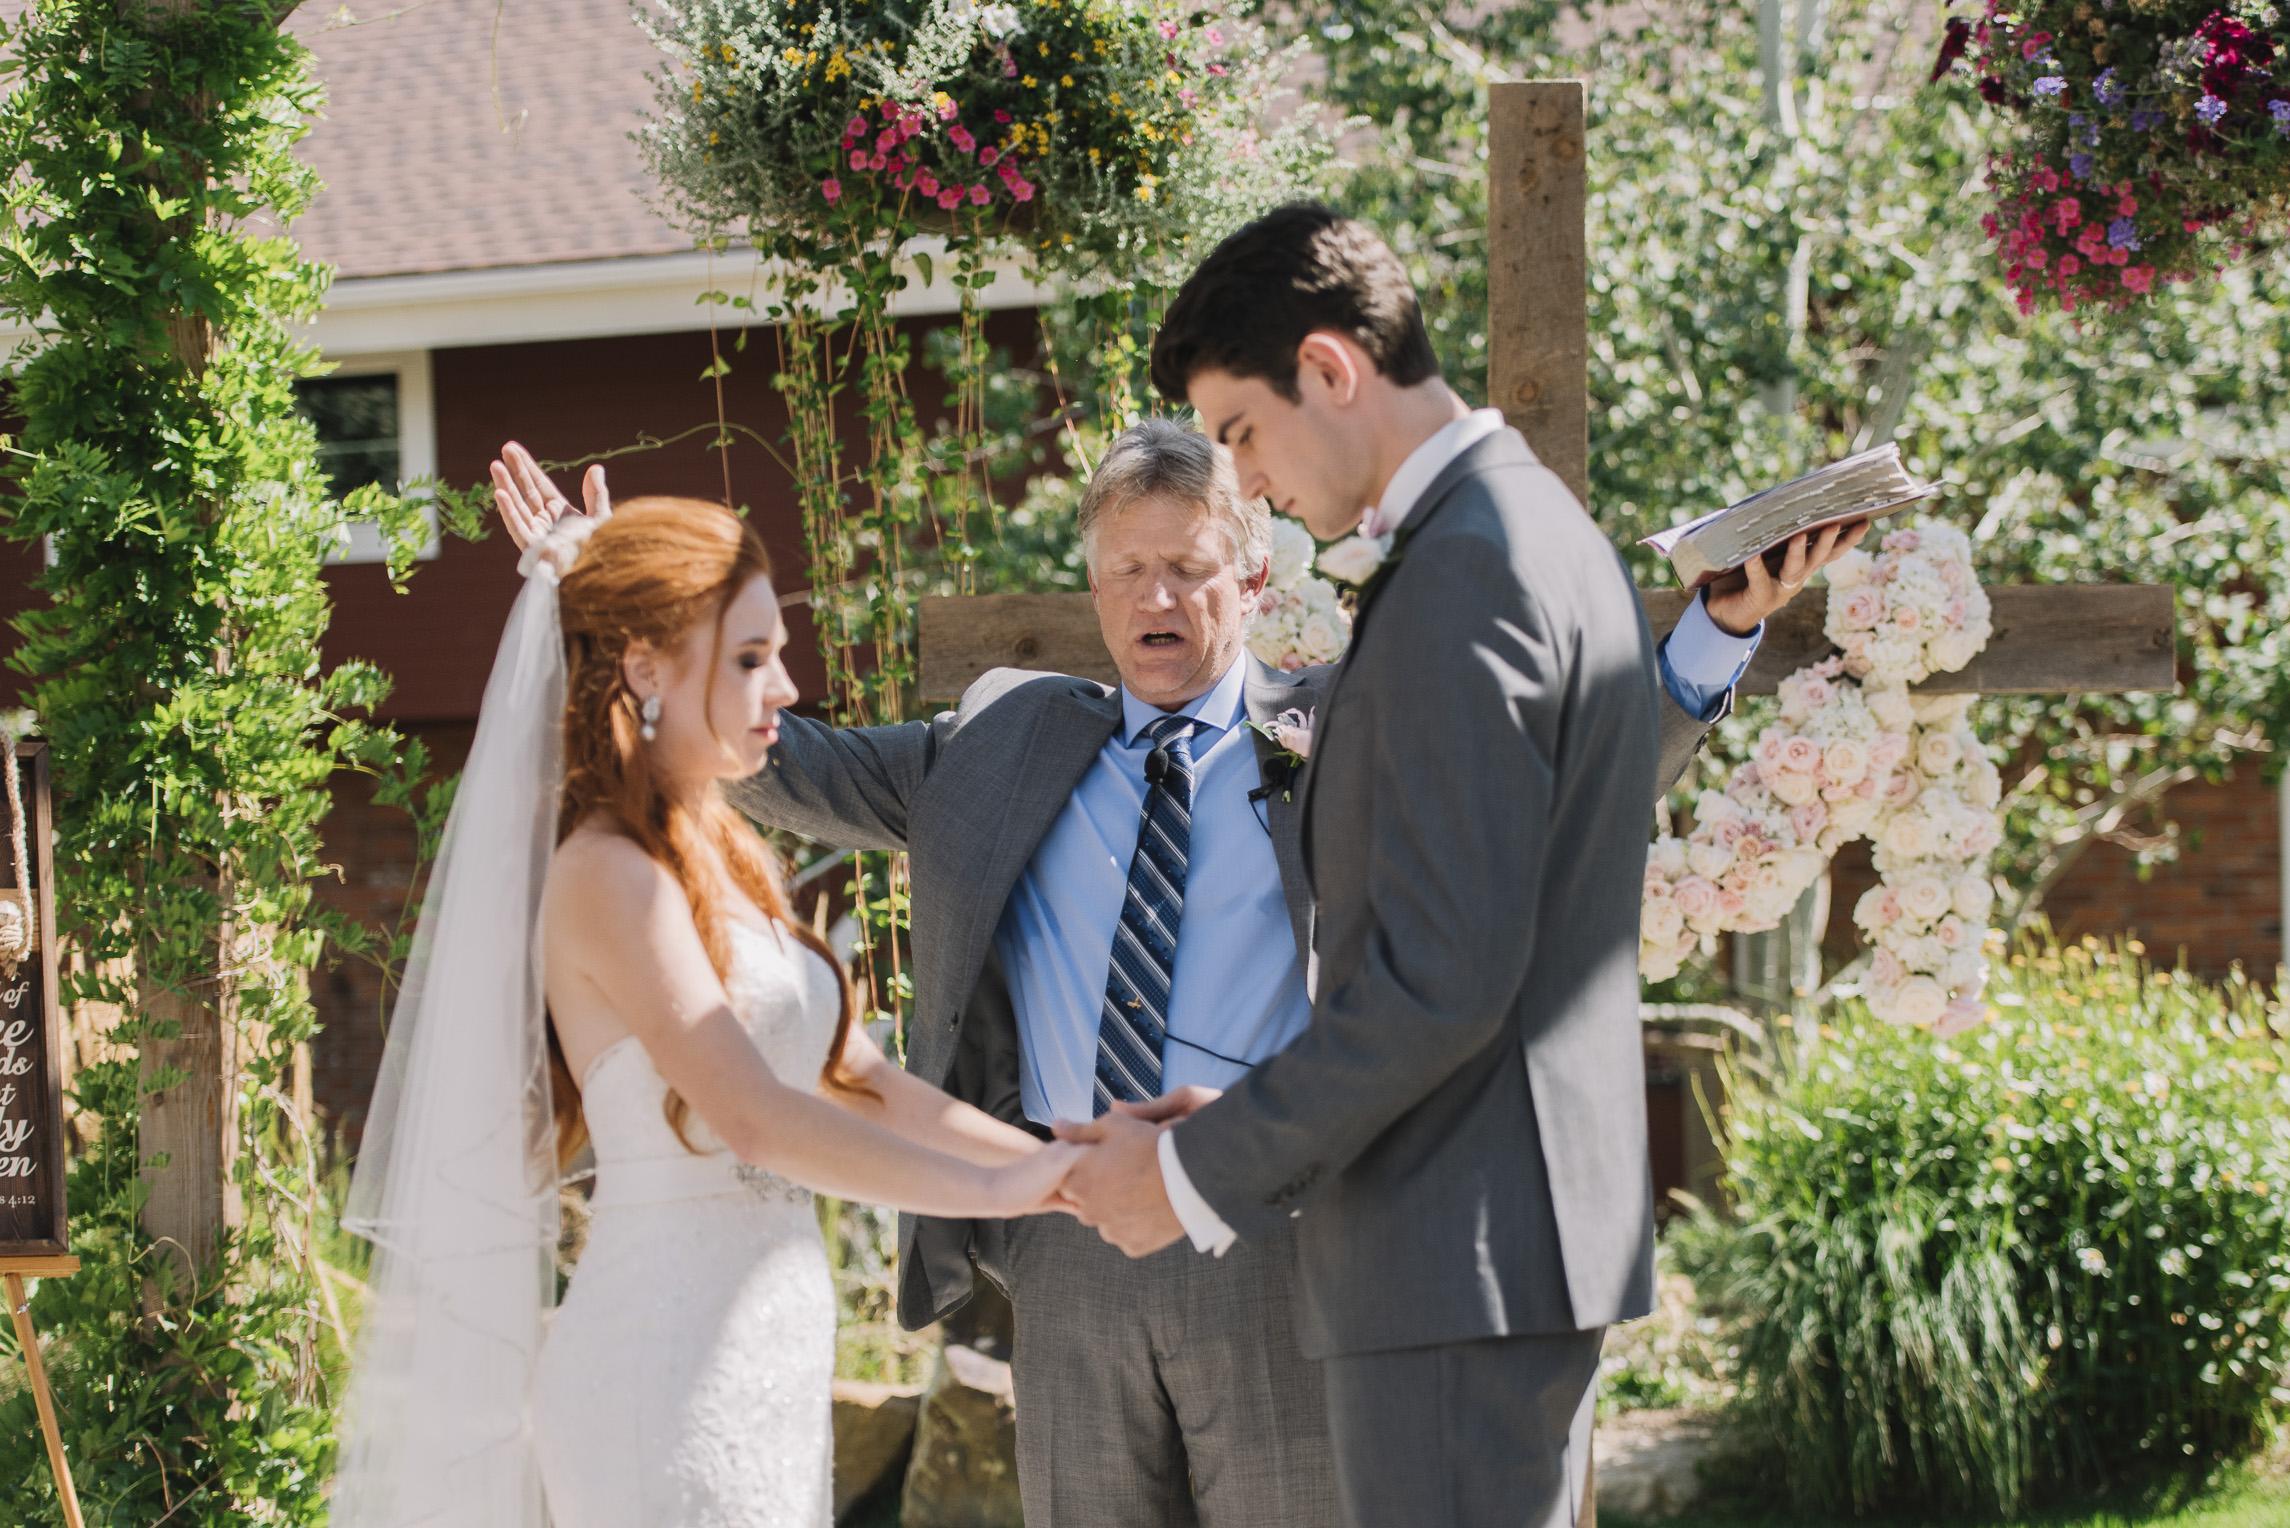 web sized images -- no to print --CALVIN & MCKYLEY WEDDING PHOTOS - COLORADO PHOTOGRAPHER - DEBI RAE PHOTOGRAPHY-868.jpg